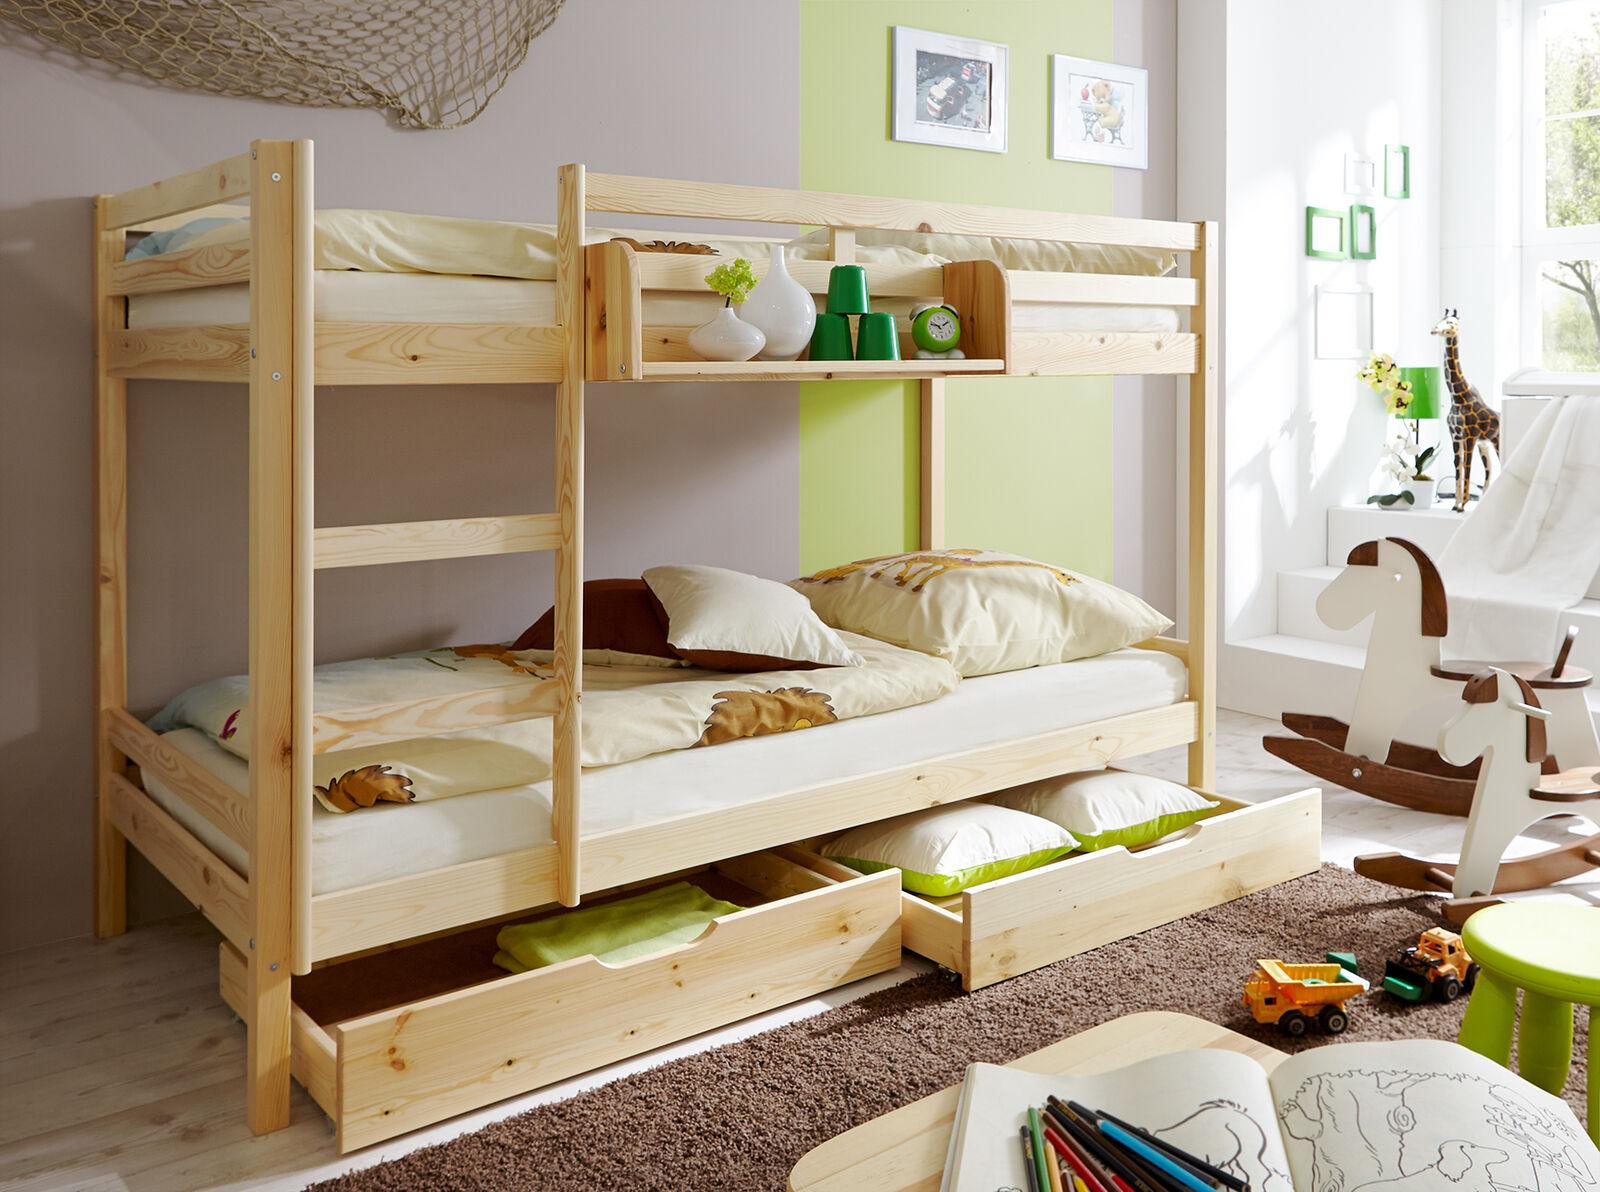 Etagenbett Junge Und Mädchen : Etagenbett doppelbett stockbett rene kiefer massiv natur günstig